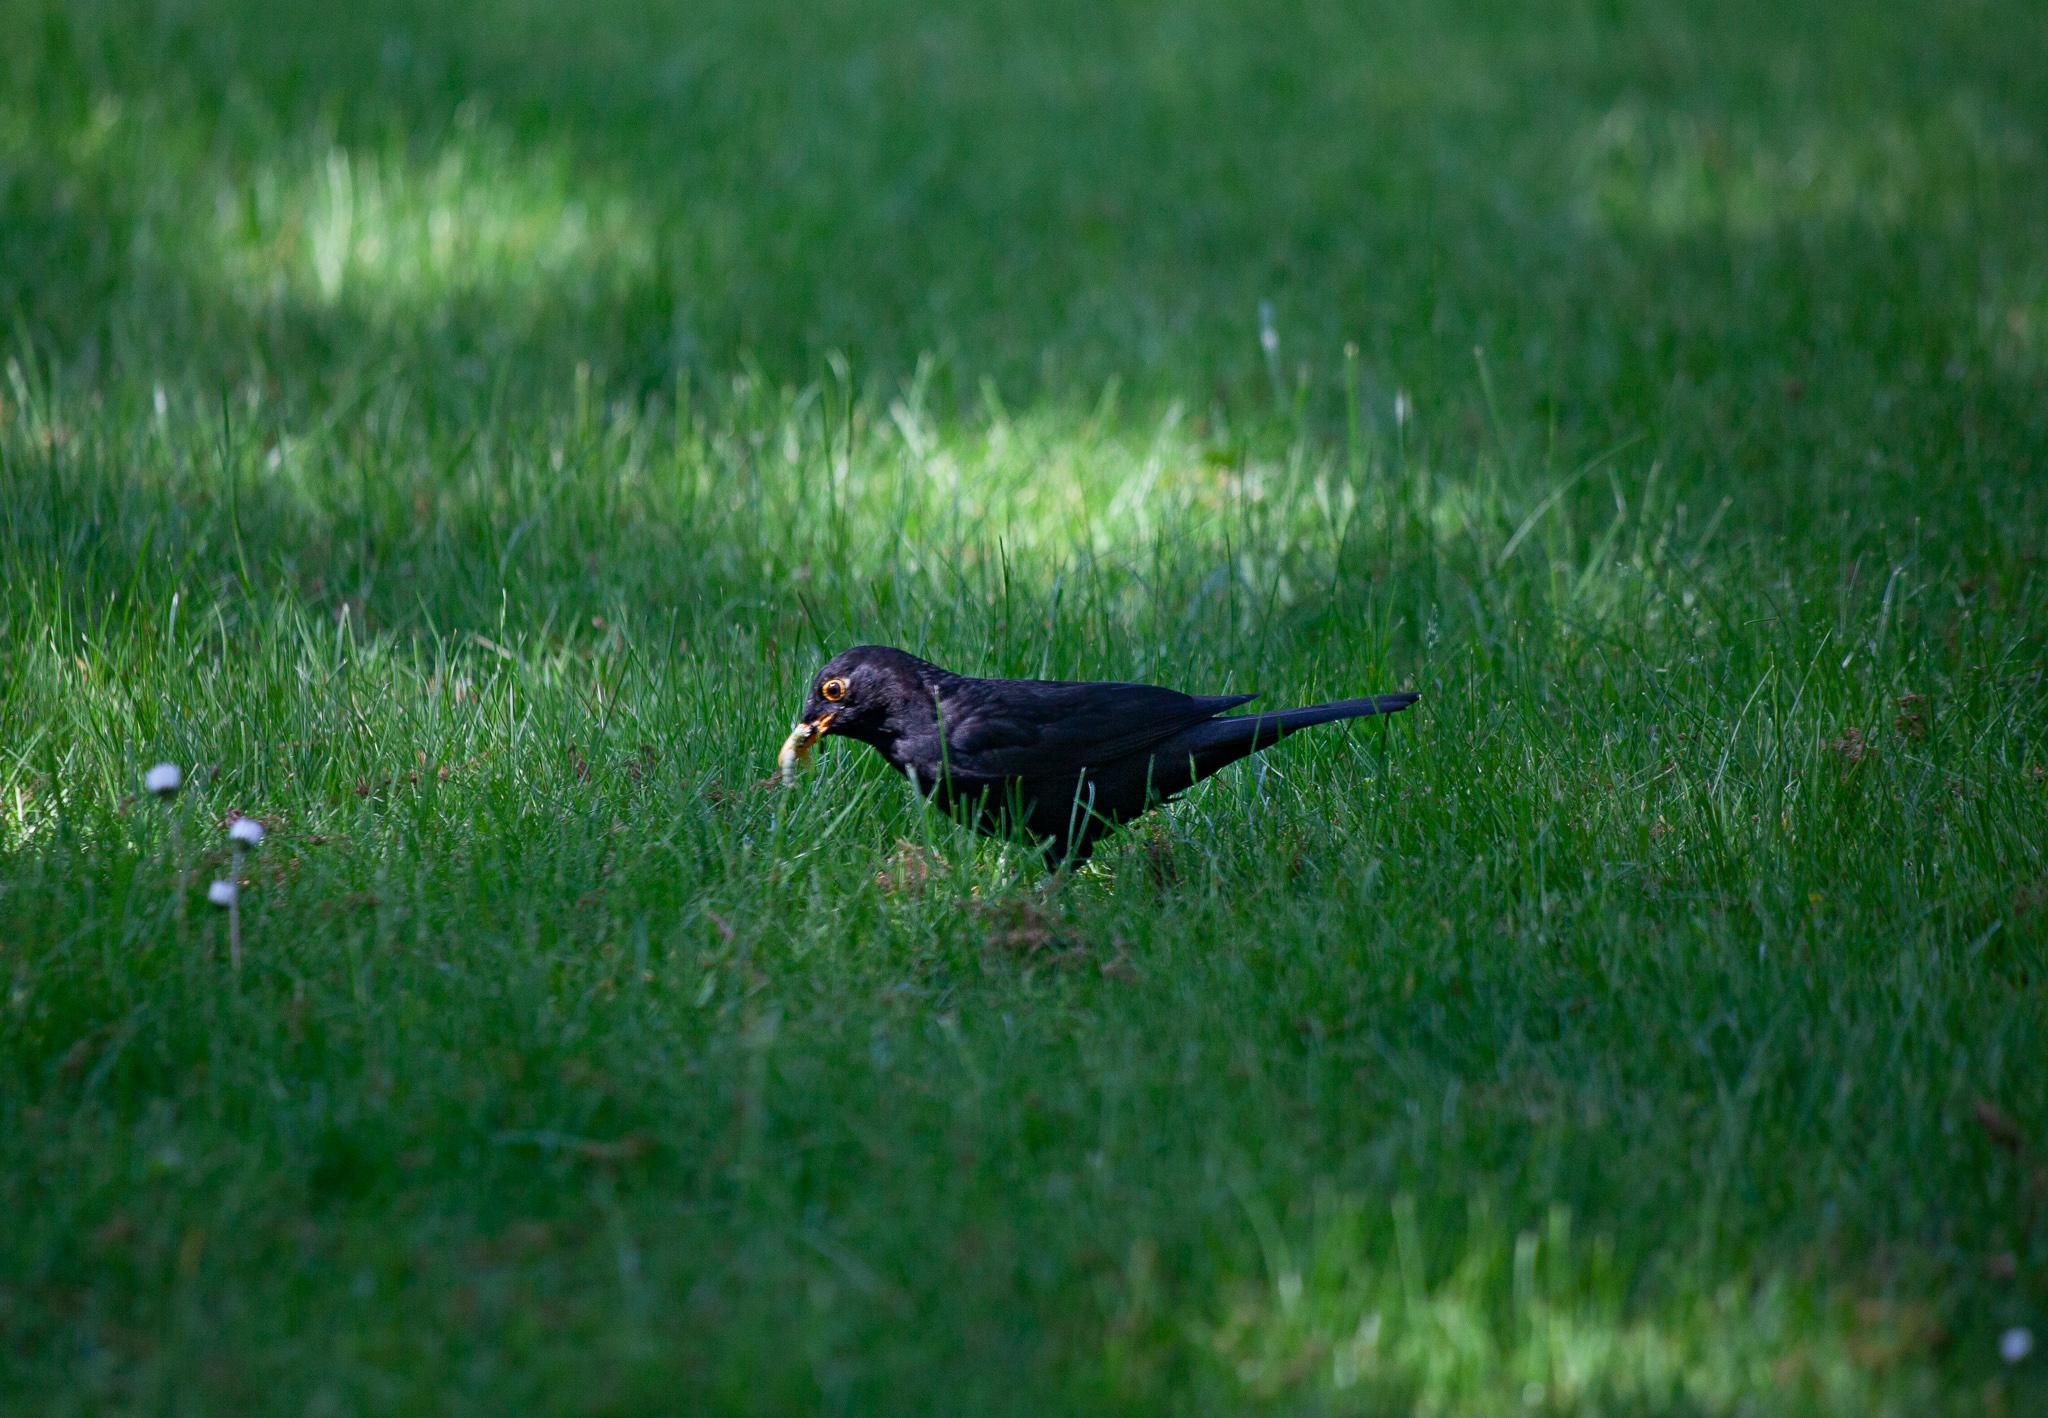 Le merle noir mâle recueille des vers dans la pelouse